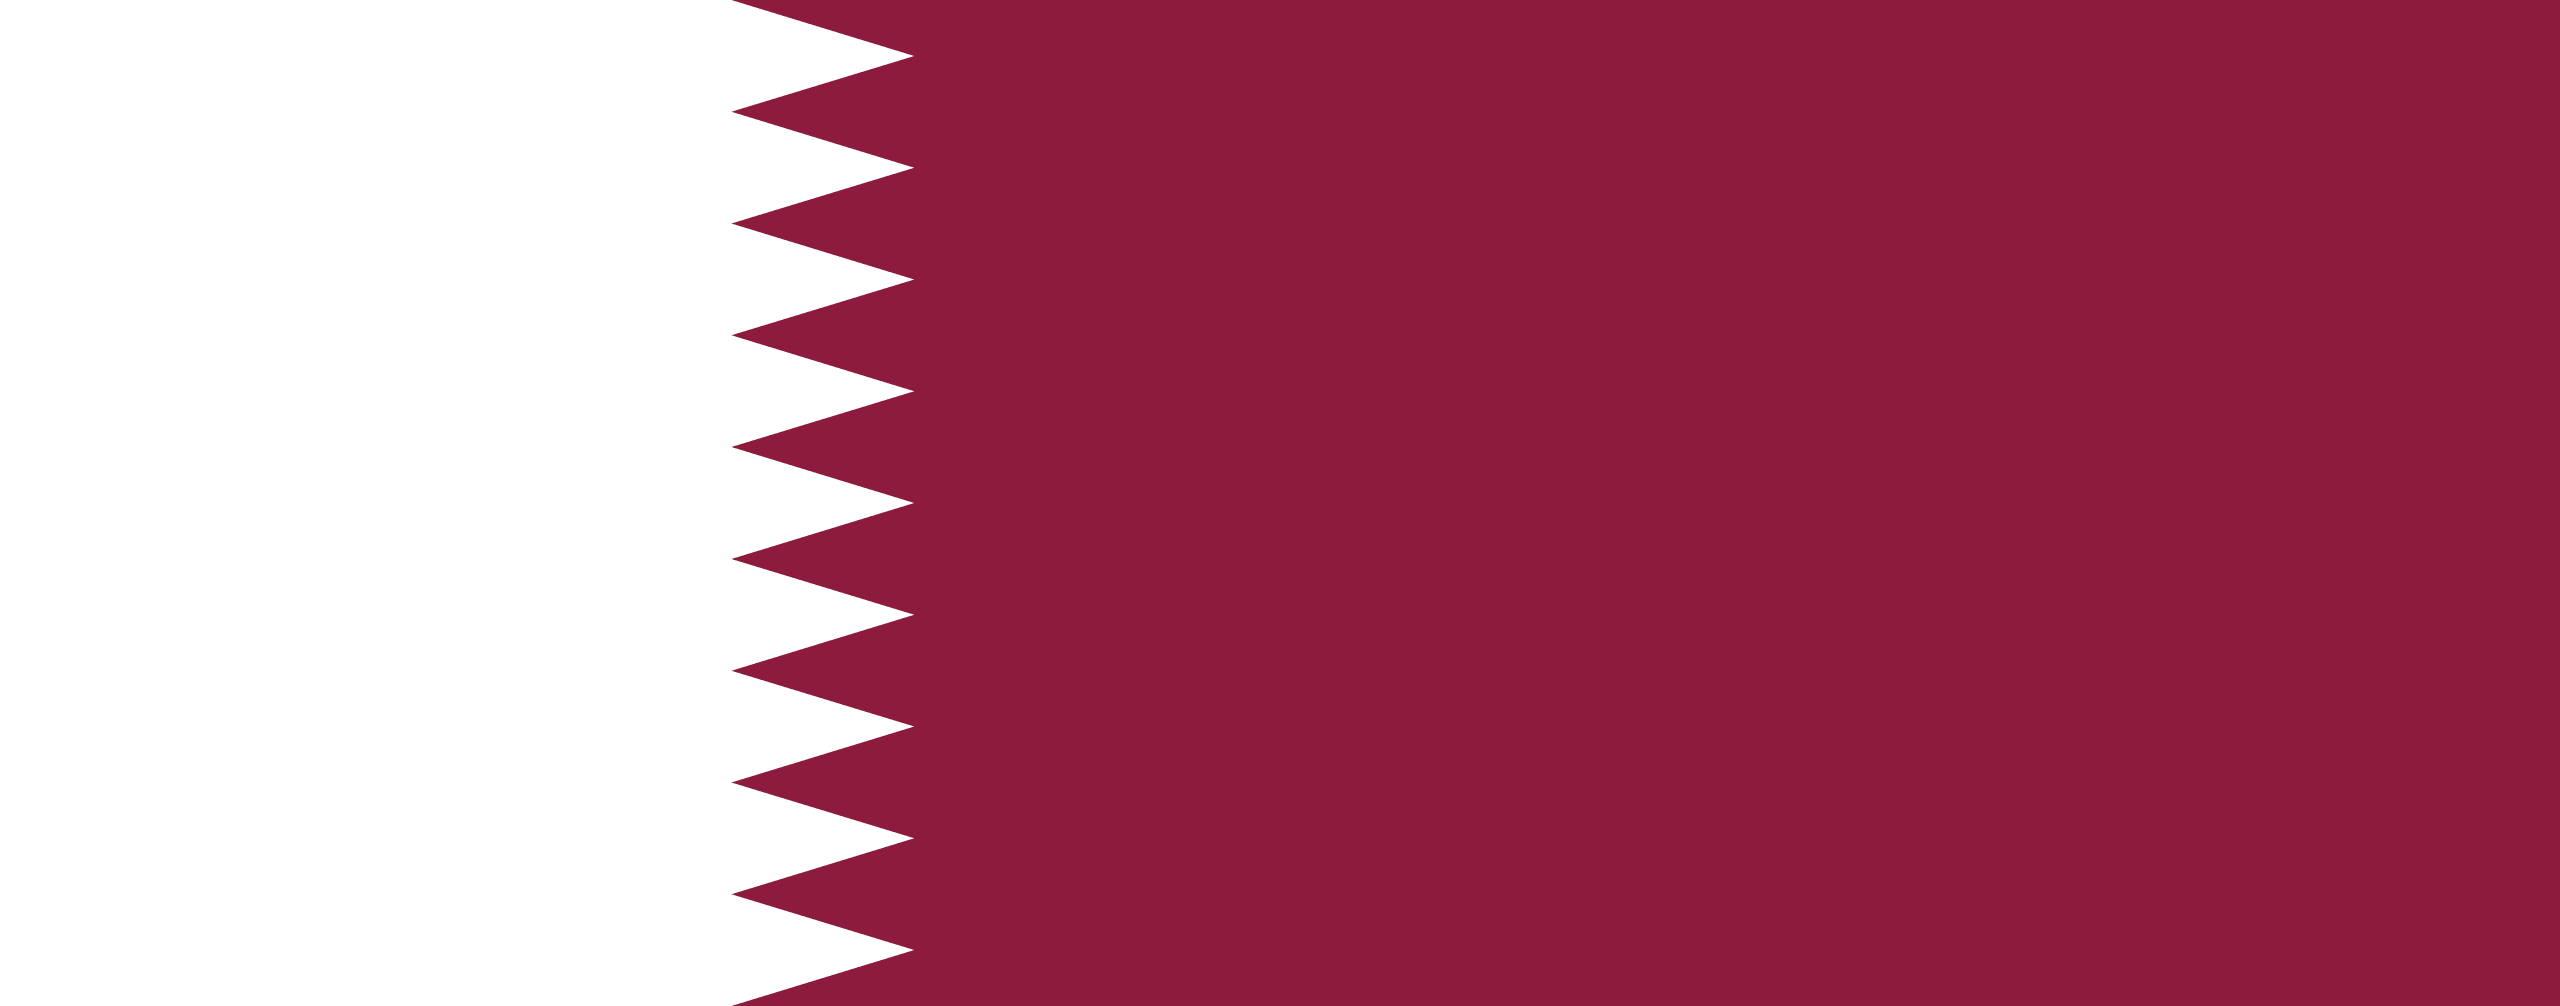 Resultado de imagen para Arabia Saudi Qatar png flags